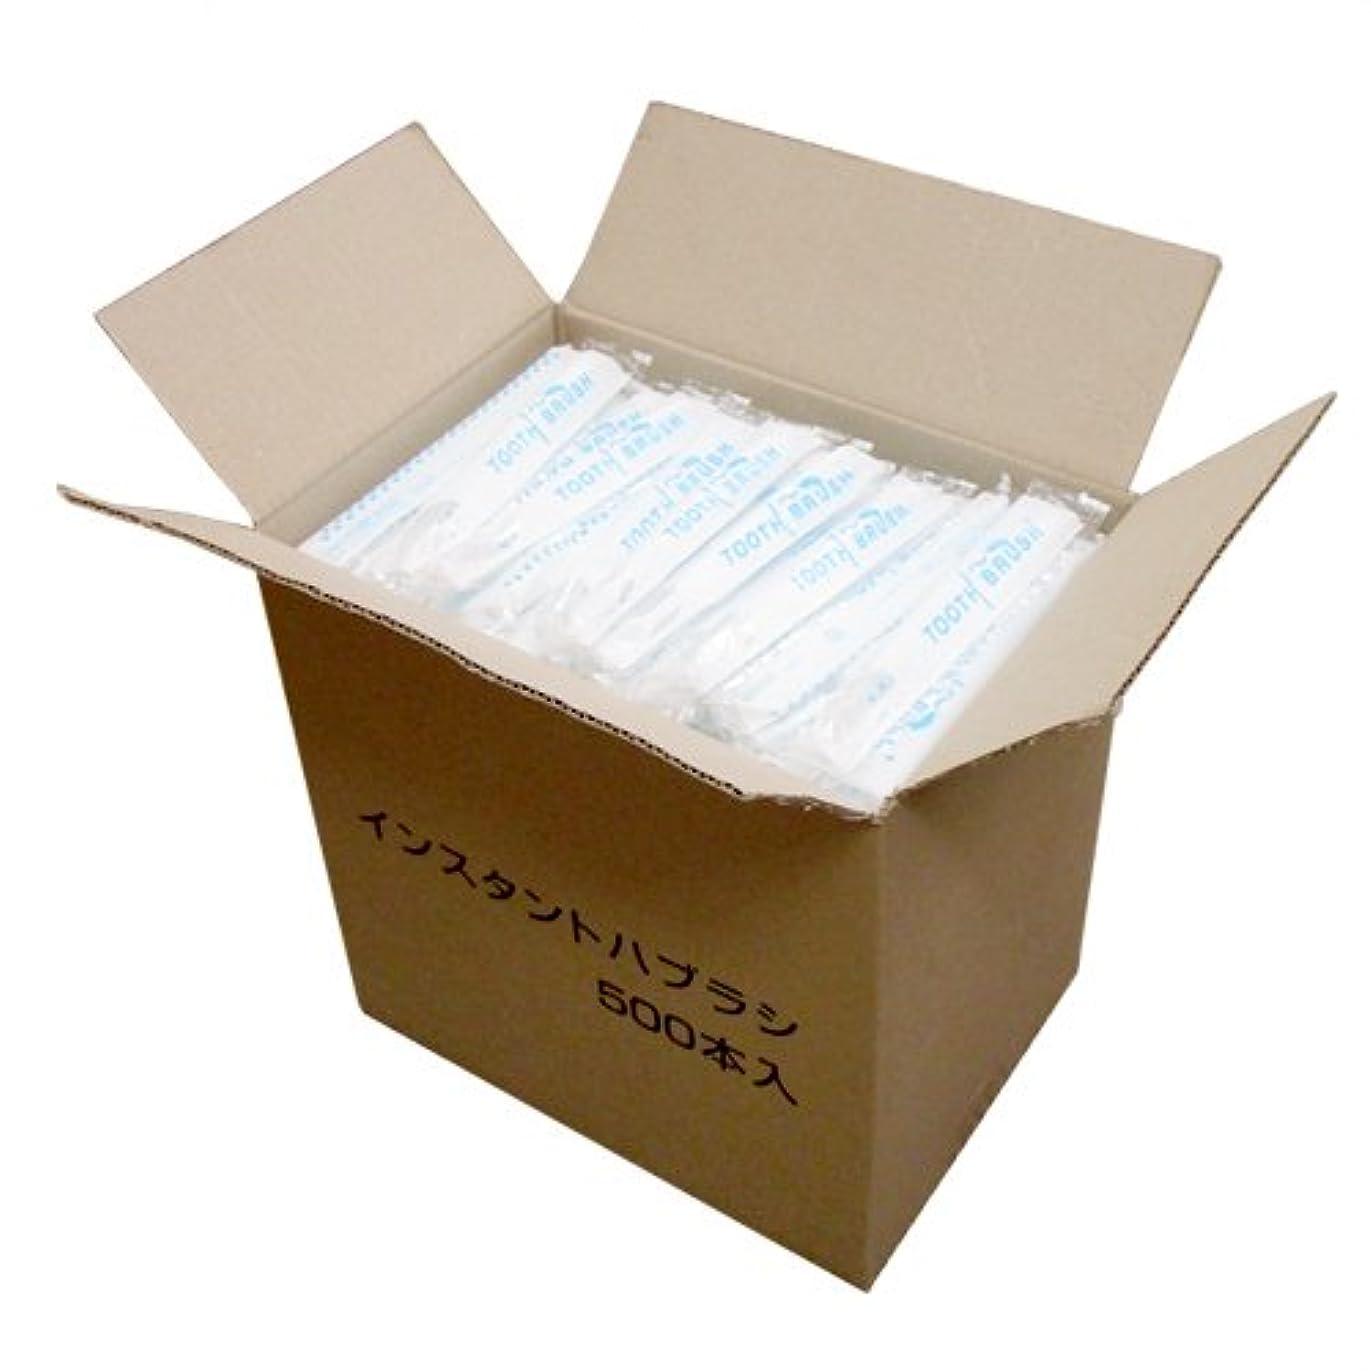 逮捕寸法ラッカス業務用 日本製 使い捨て粉付き歯ブラシ 個包装タイプ 500本入×8箱 (4000本入)│ホテルアメニティ